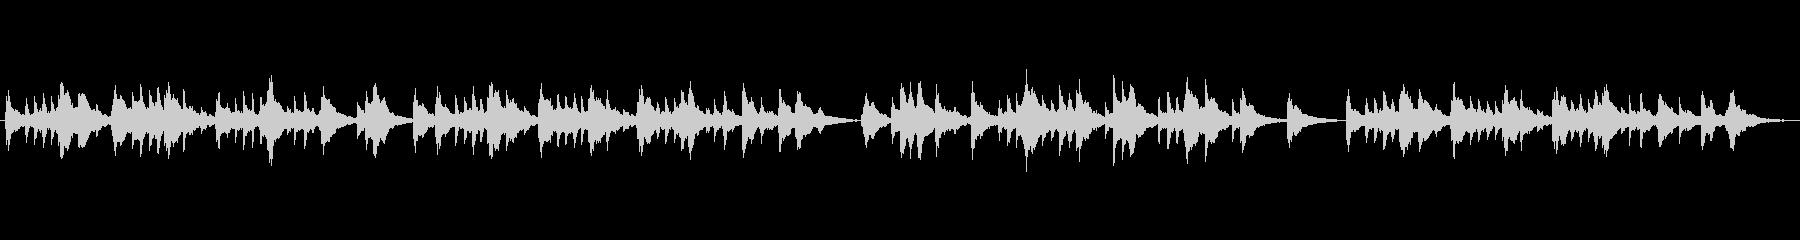 オルゴールの未再生の波形